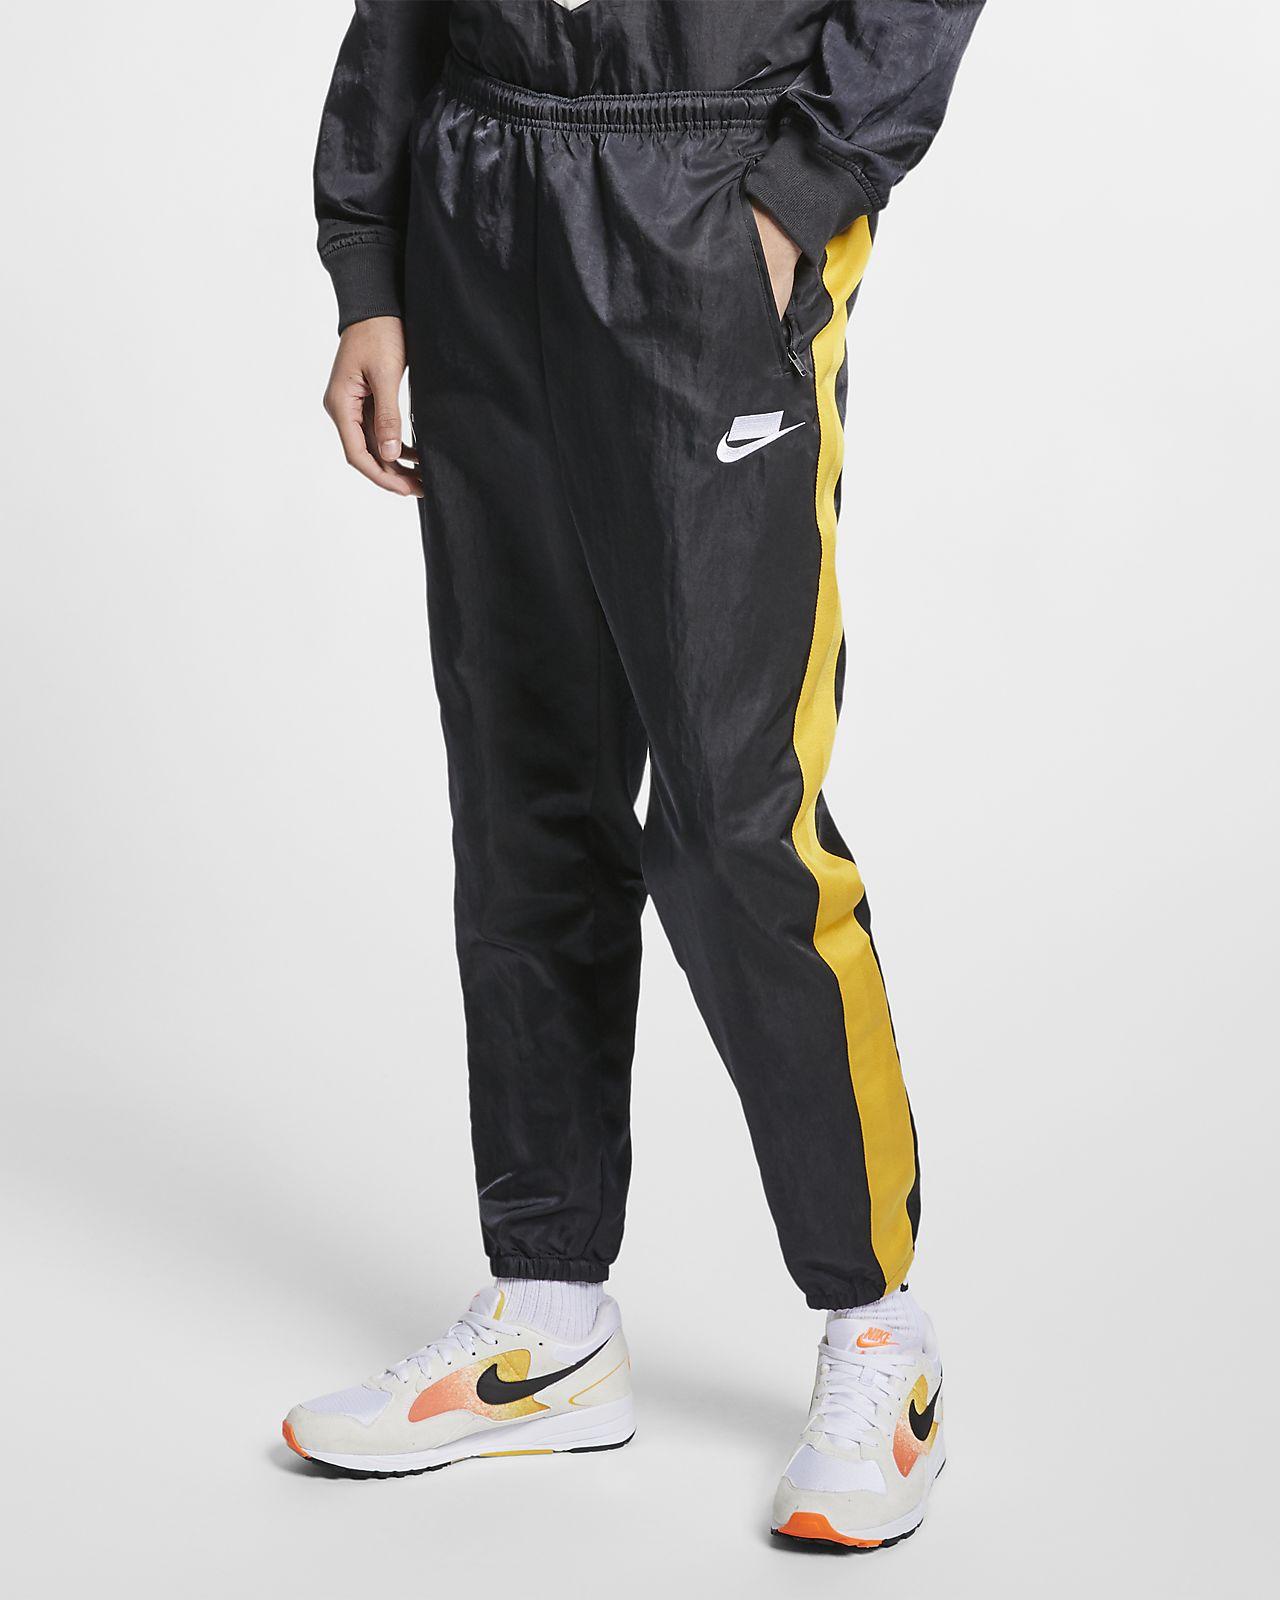 Nike Sportswear NSW 男款織料運動褲